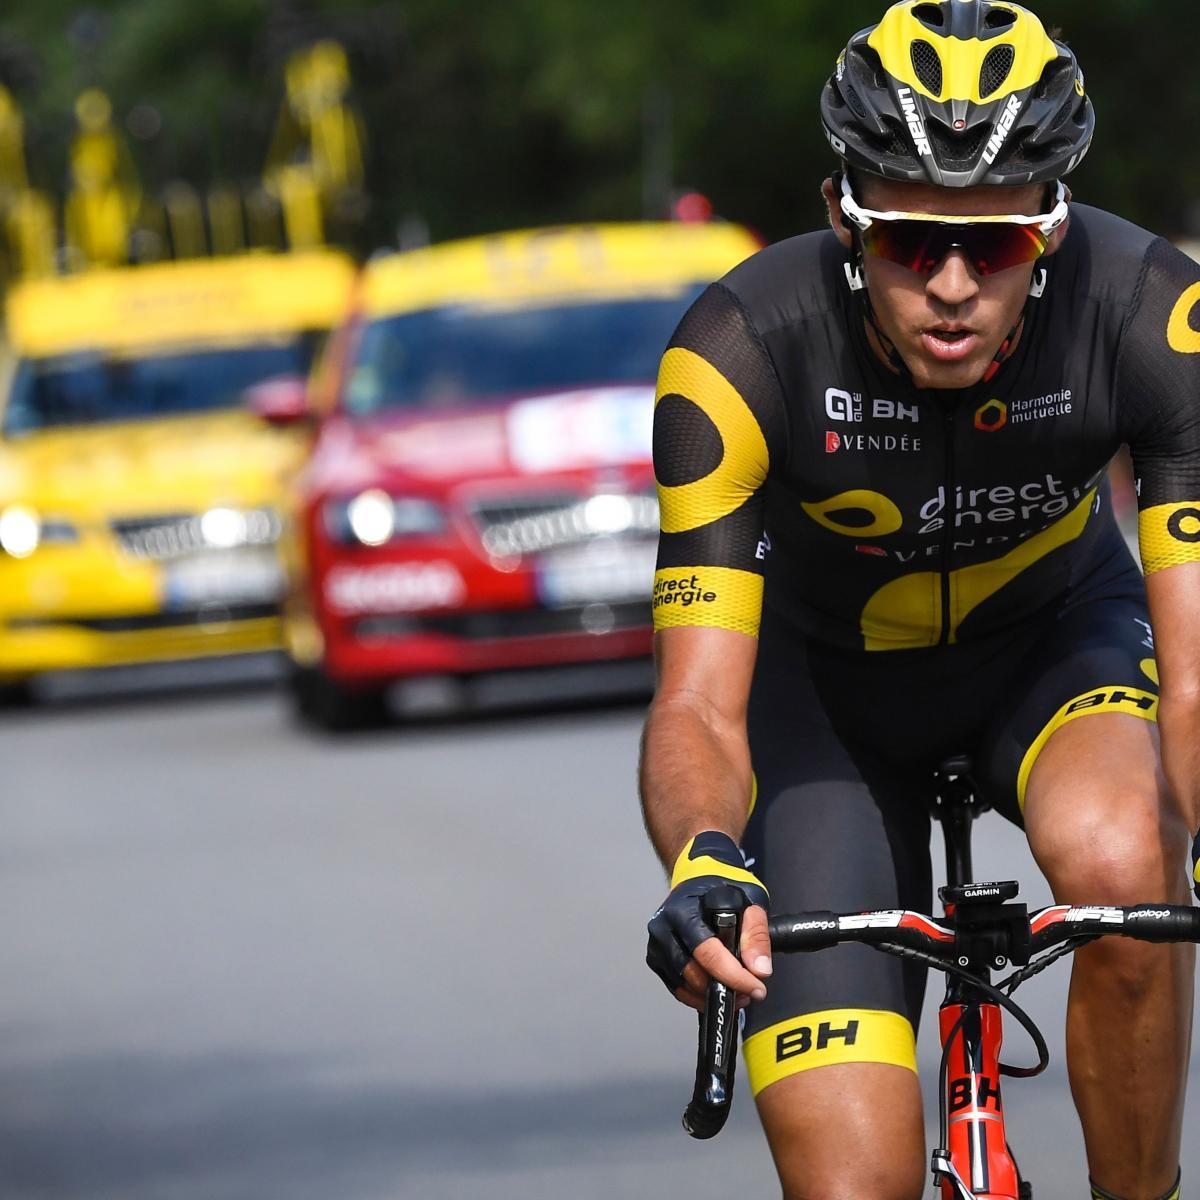 Tour de France 2017  Lilian Calmejane Takes Stage 8 c9ef64b16